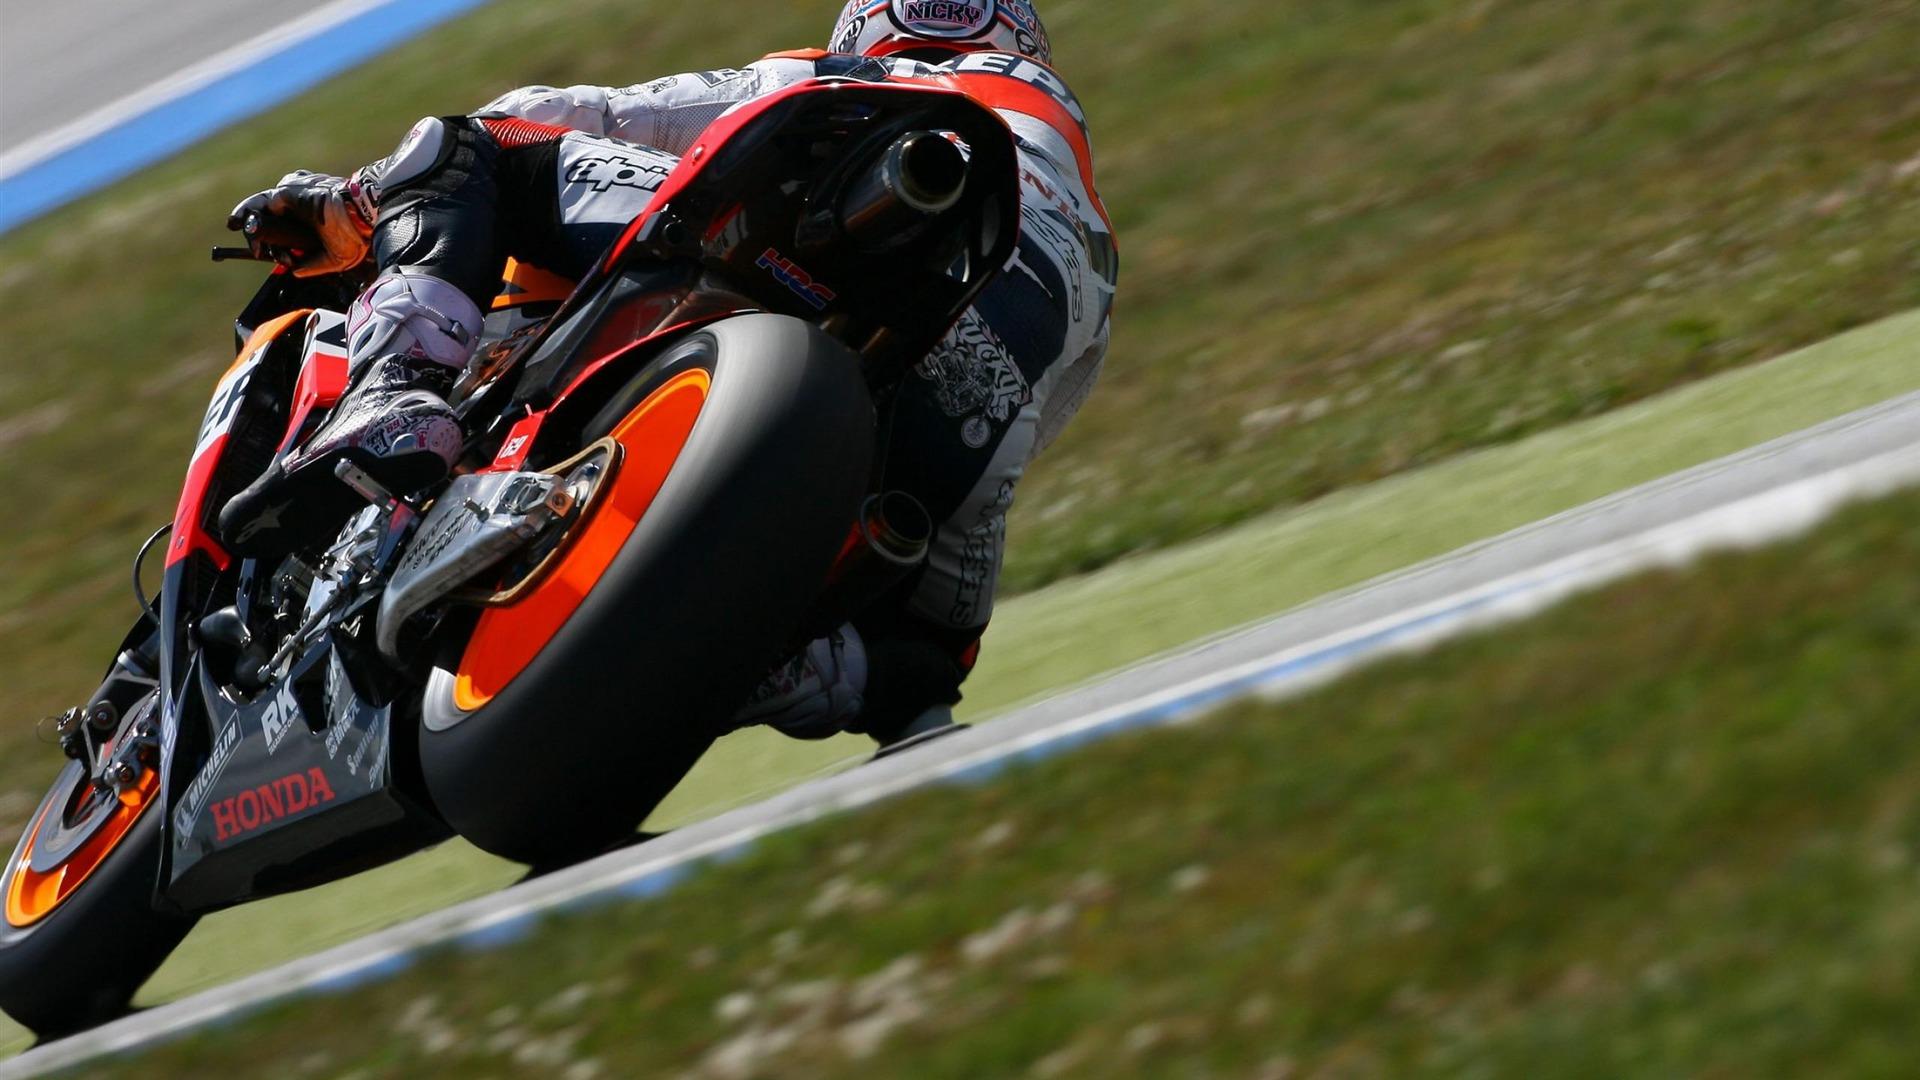 ホンダスポーツバイク トップスポーツバイクの写真の壁紙プレビュー 10wallpaper Com